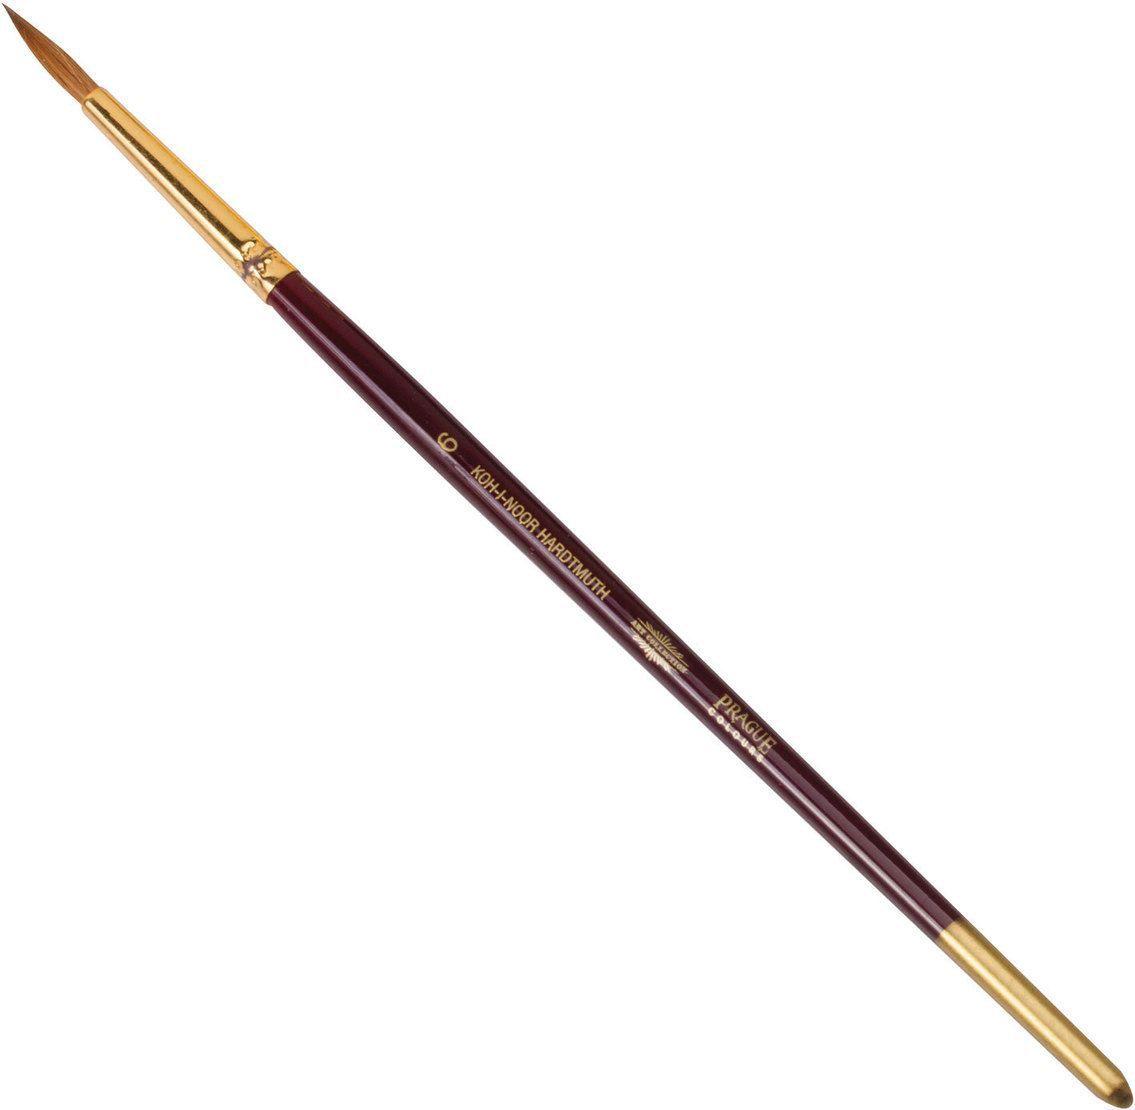 Koh-I-Noor Кисть колонок круглая №6 короткая ручка200391Высококачественная кисть из натурального волоса колонка. Волос прекрасно сохраняет форму, не ломается, впитывает влагу и хорошо моется под проточной струей воды. Подходит для акварели и индийских красок.